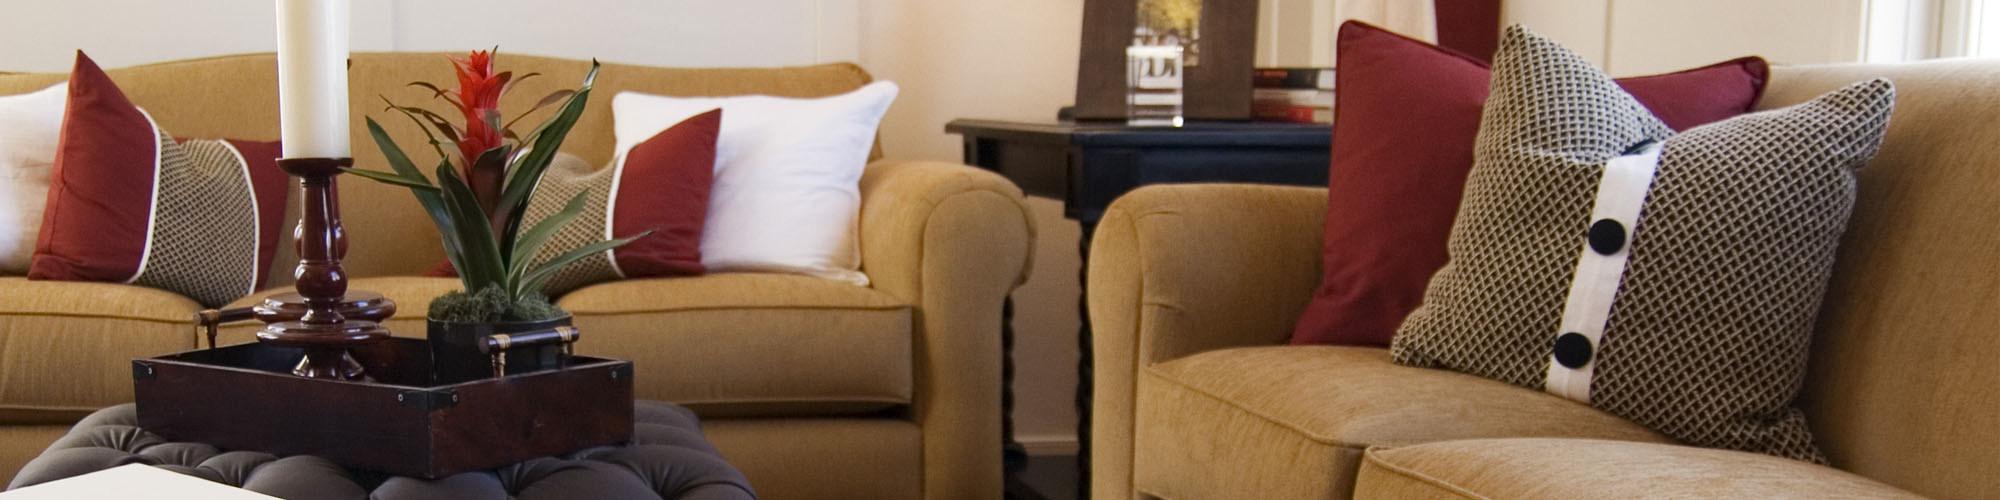 Furniture Repair Bloomington Mn